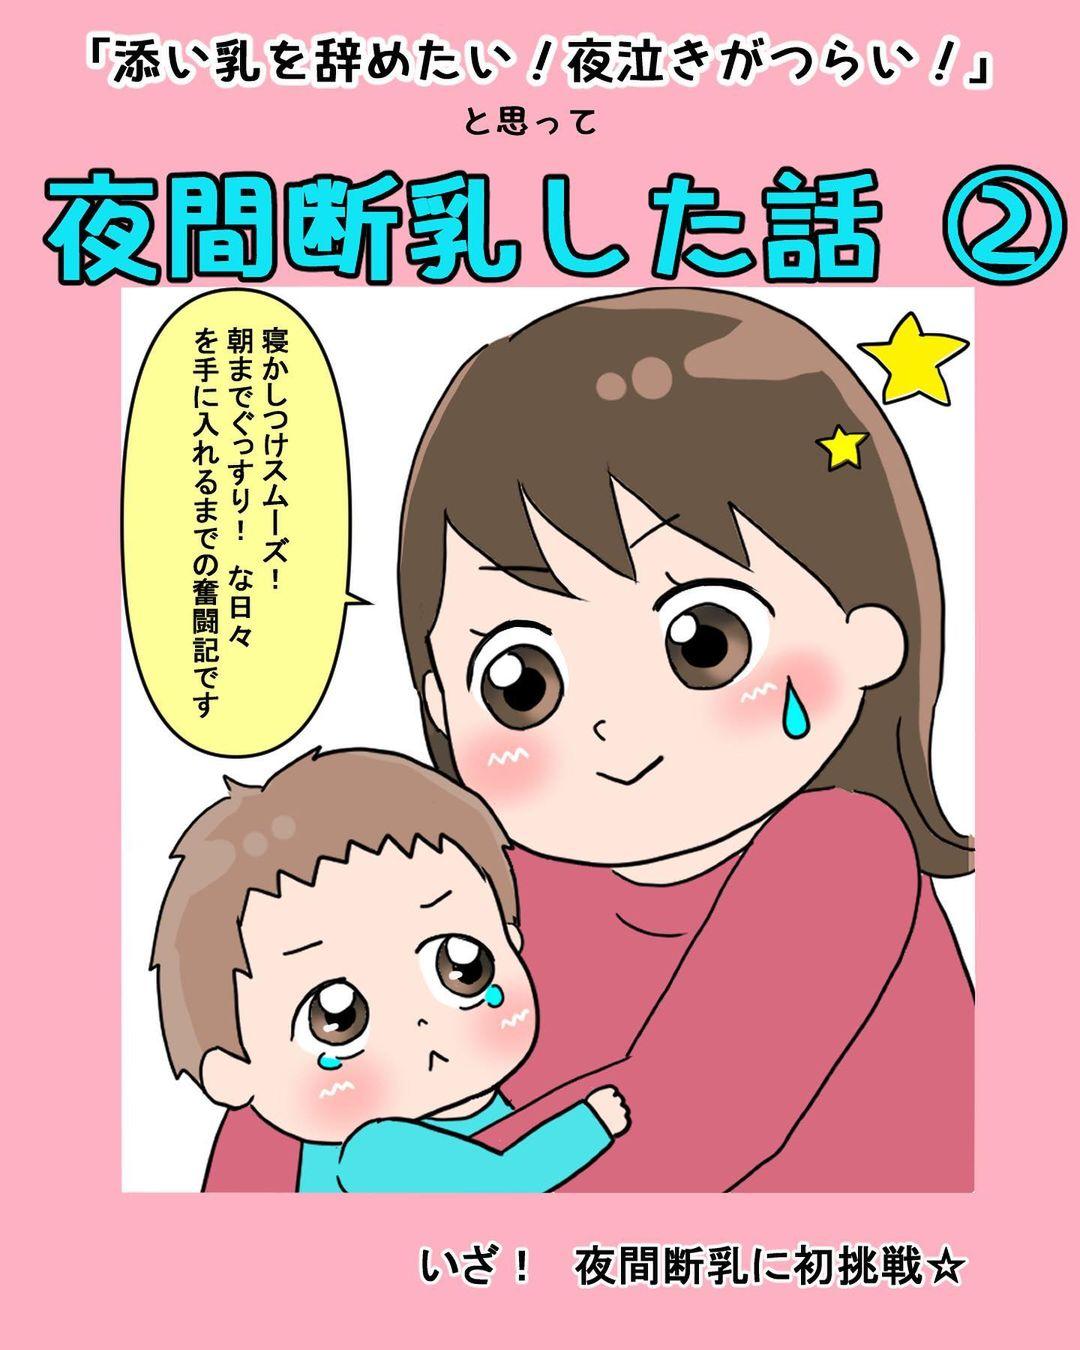 育児絵日記|夜間断乳した話#2